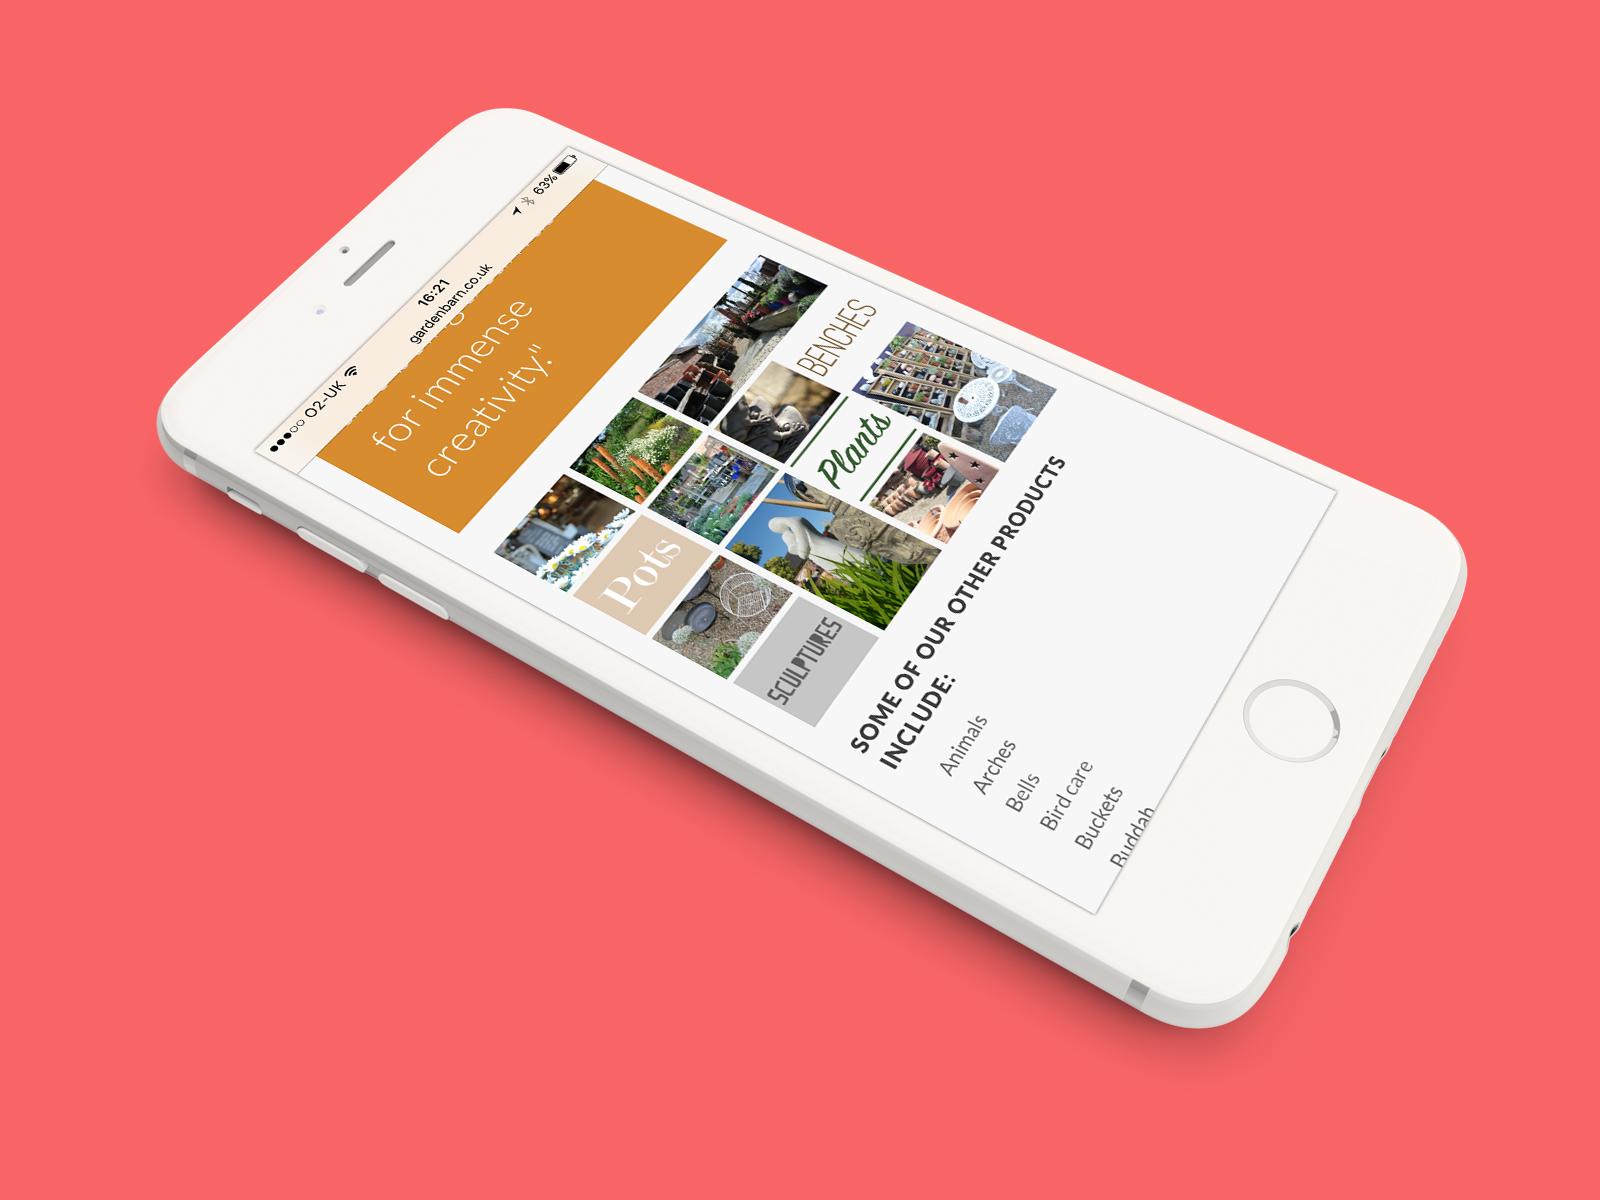 gardenbarn-iphone-2